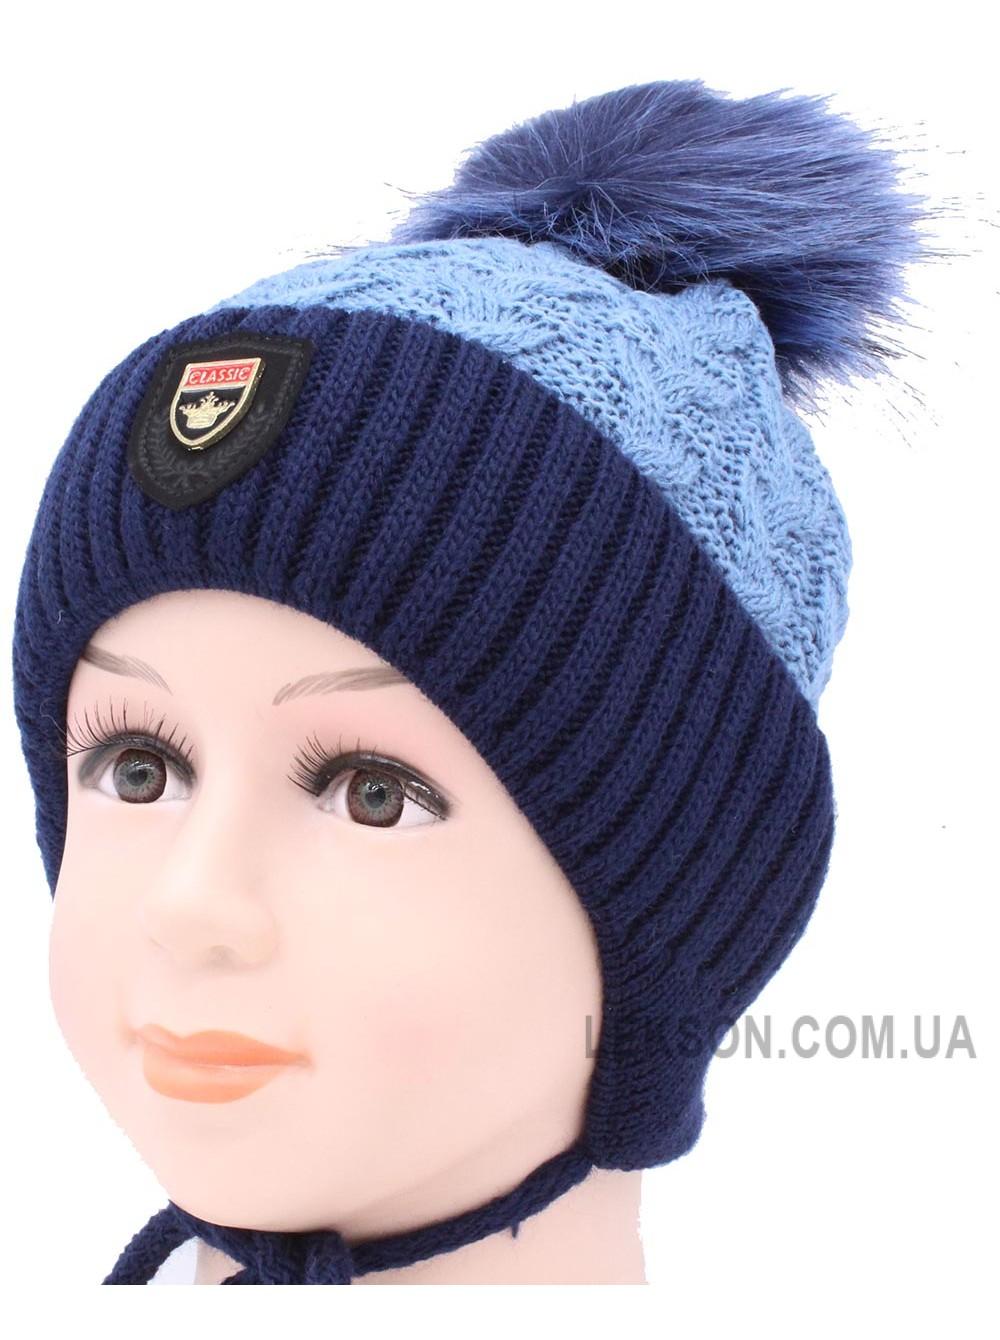 Детская вязаная шапка Кинг D51633-46-50